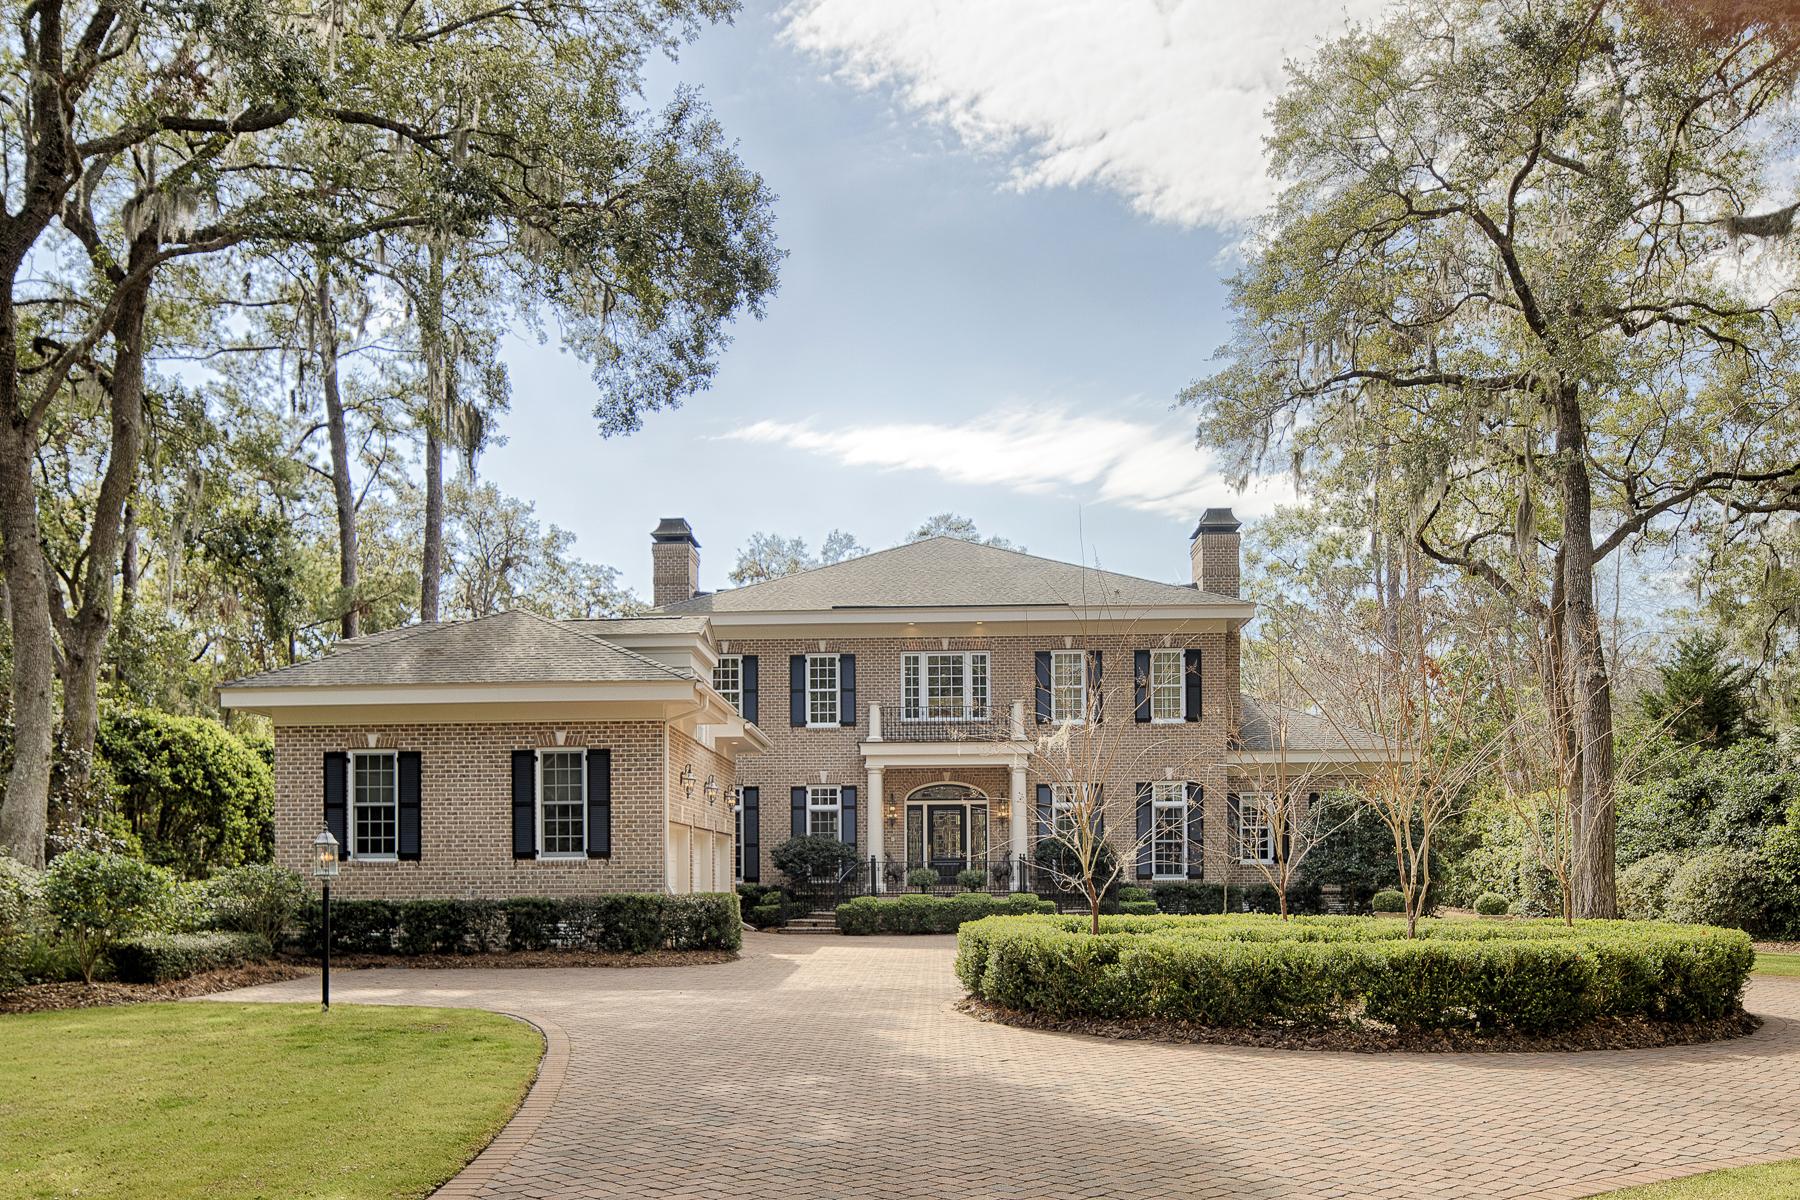 Частный односемейный дом для того Продажа на 21 Tidewater Way Skidaway Island, Джорджия, 31411 Соединенные Штаты